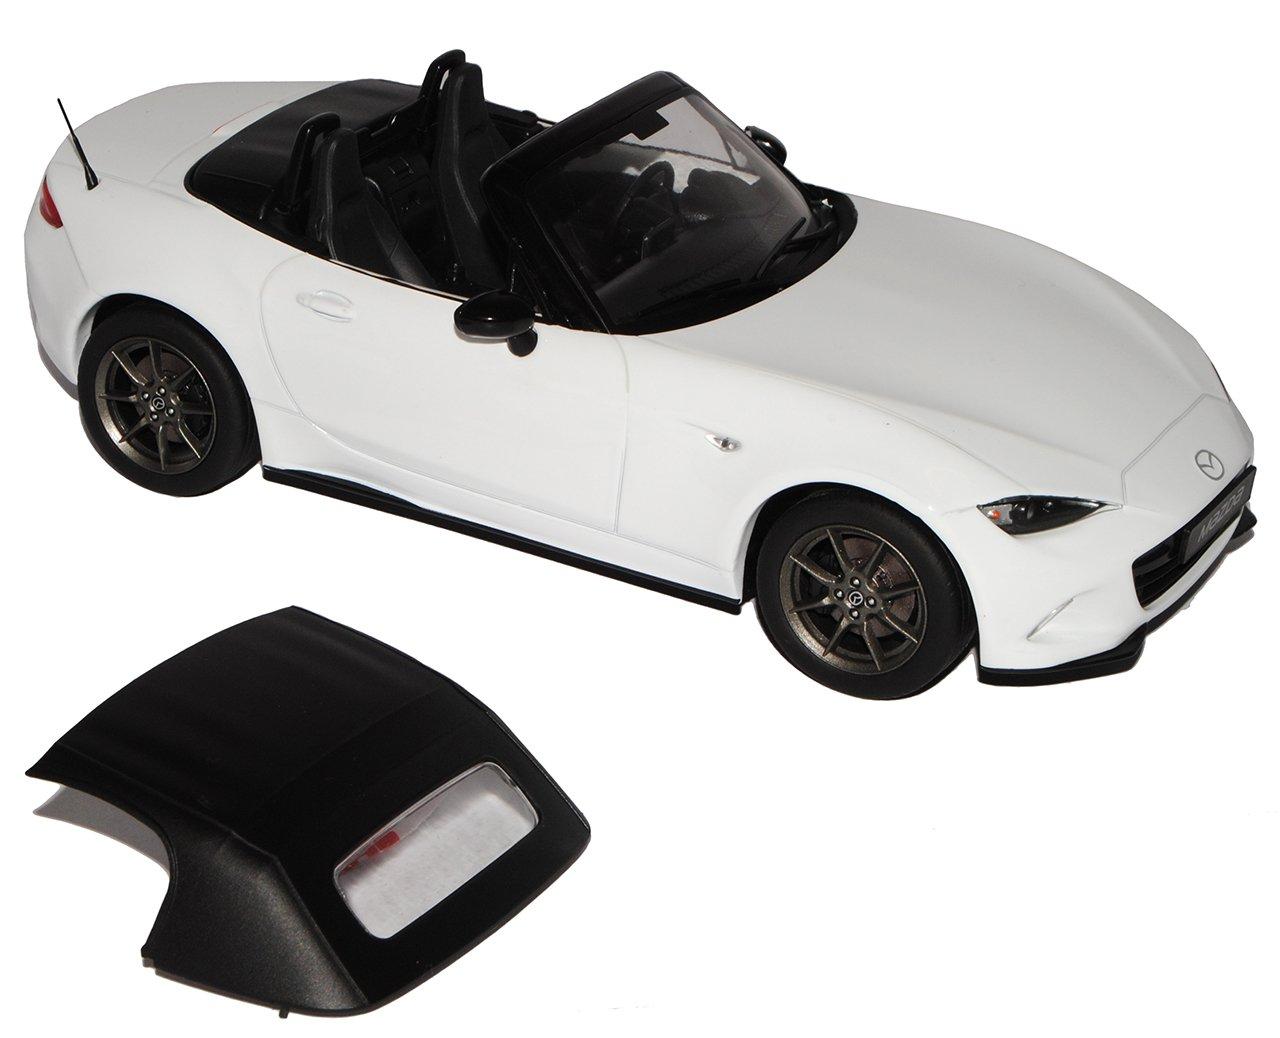 PremiumX Mazda MX5 Weiss ND Cabrio Weiss MX5 mit abnehmbarem Soft Top Graue Felgen Ab 2015 Limitiert 1 von 600 Triple 9 1 18 Modell Auto mit individiuellem Wunschkennzeichen 8df6be